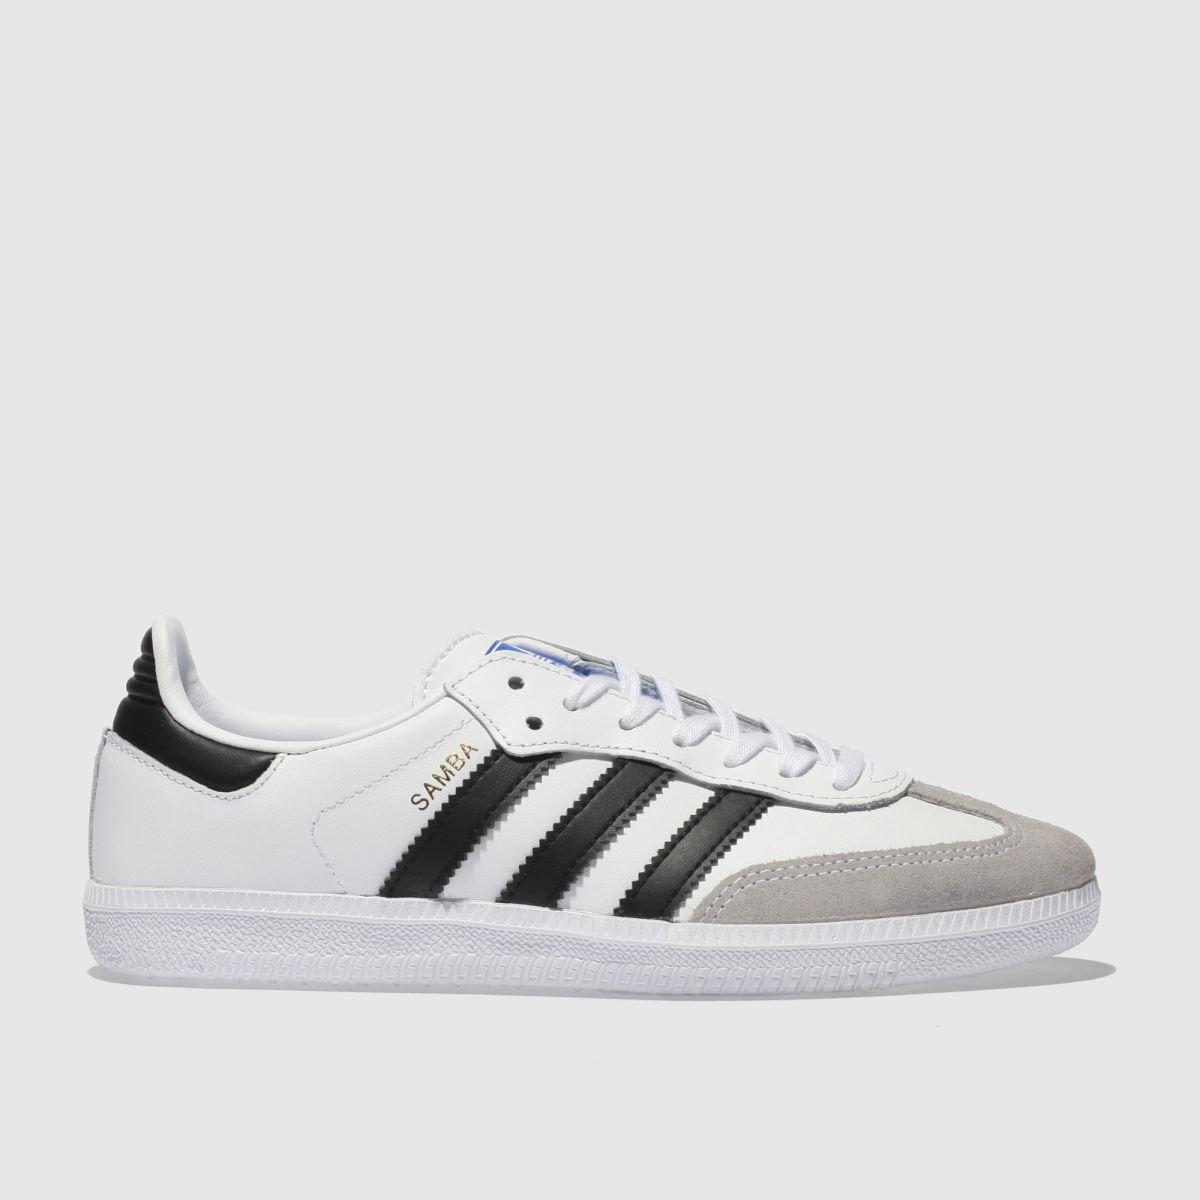 Adidas White & Black Samba Og Unisex Youth Youth